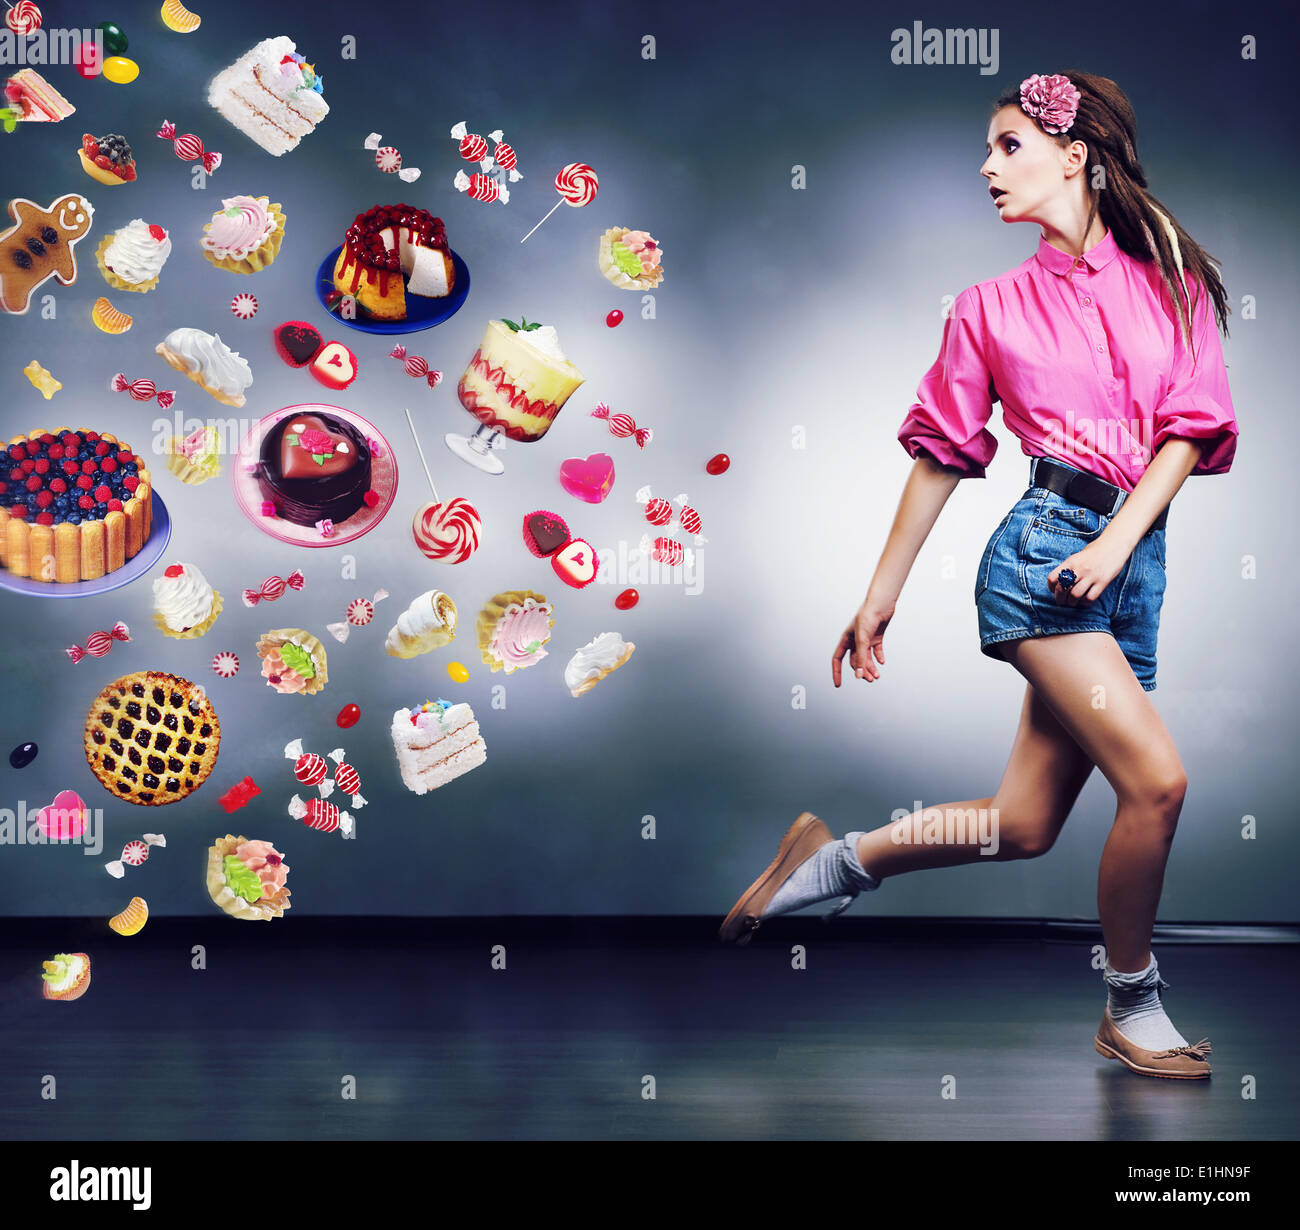 Zu entkommen. Resolute läuft Frau weigert sich, Essen, leckere Kuchen und Schokolade. Diät-Konzept Stockbild